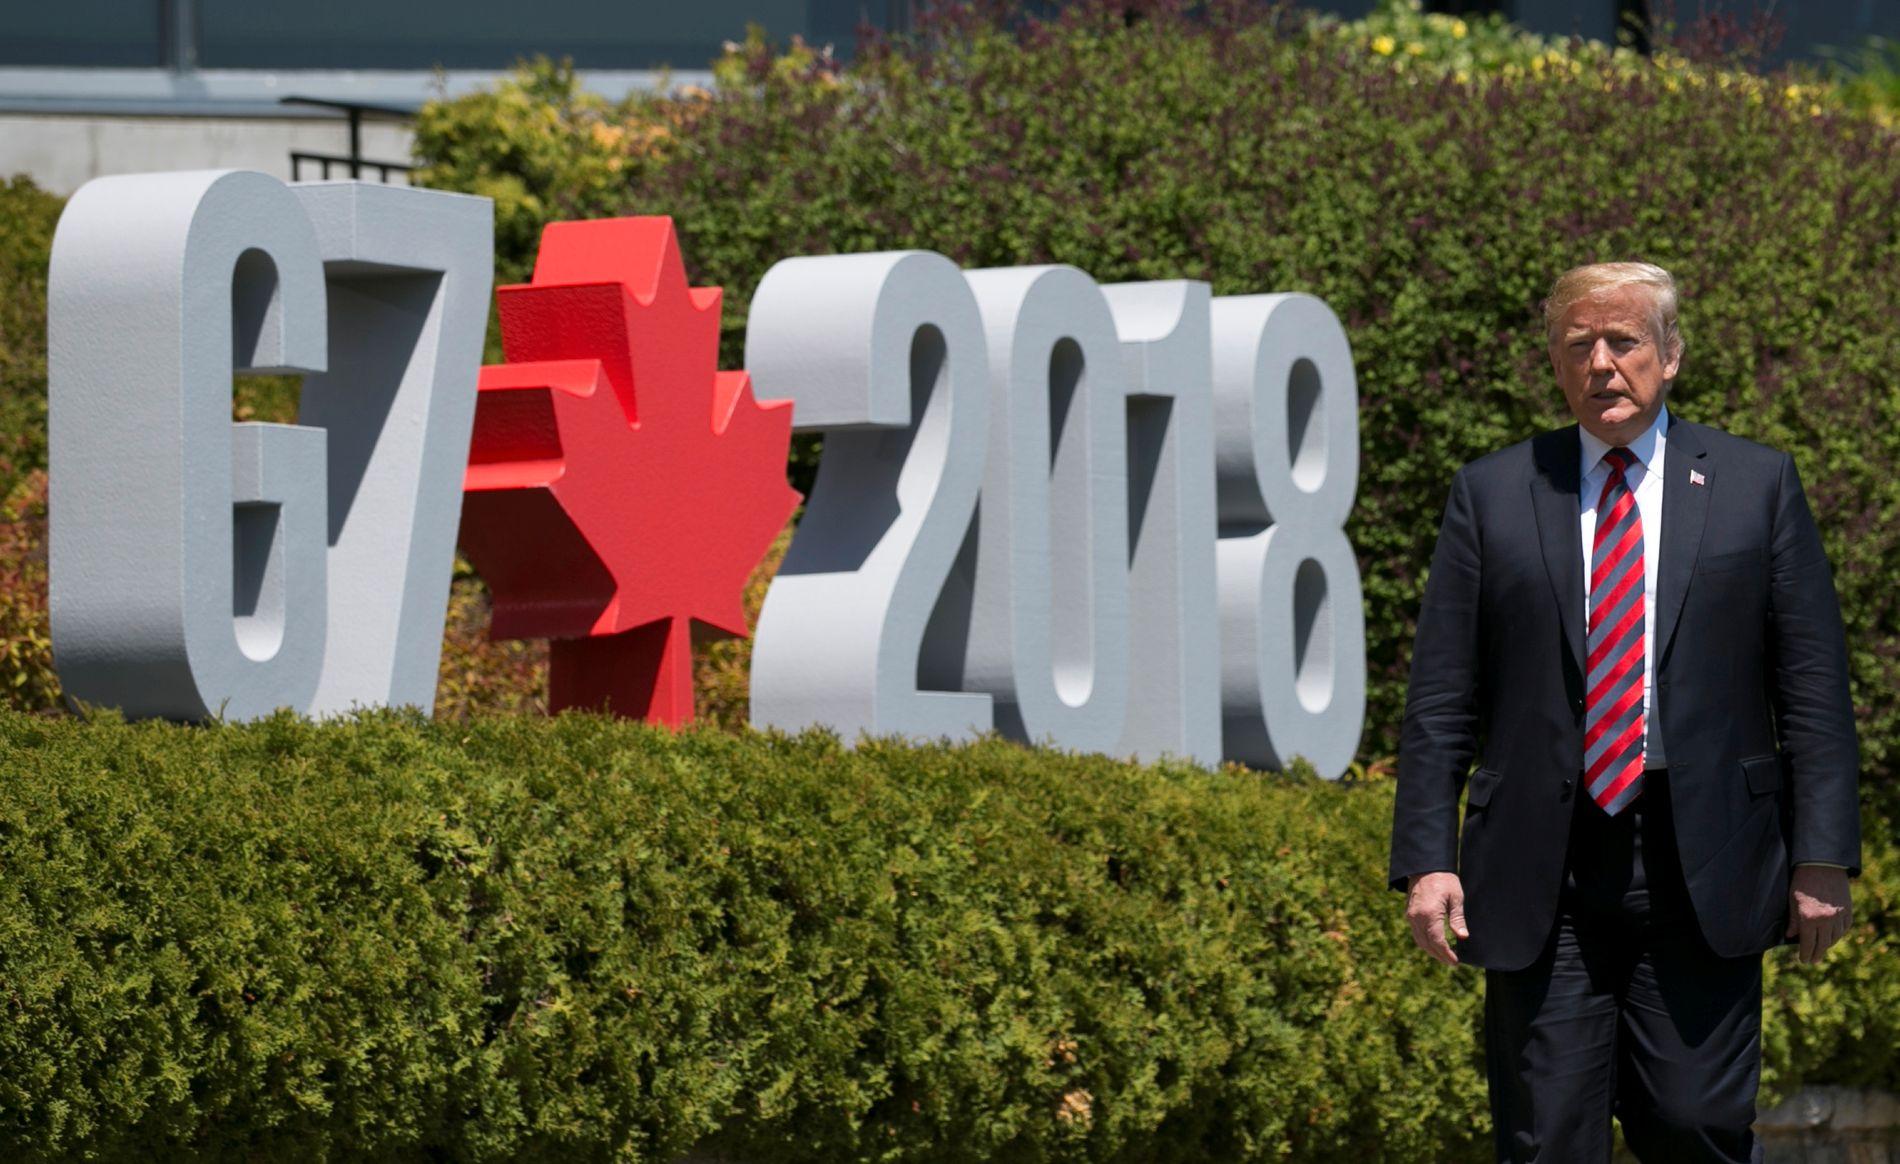 SINT PRESIDENT: En morsk Donald Trump skapte bruduljer da han helt overraskende trakk den amerikanske støtten til slutterklæringen etter G-7 møtet i Canada.